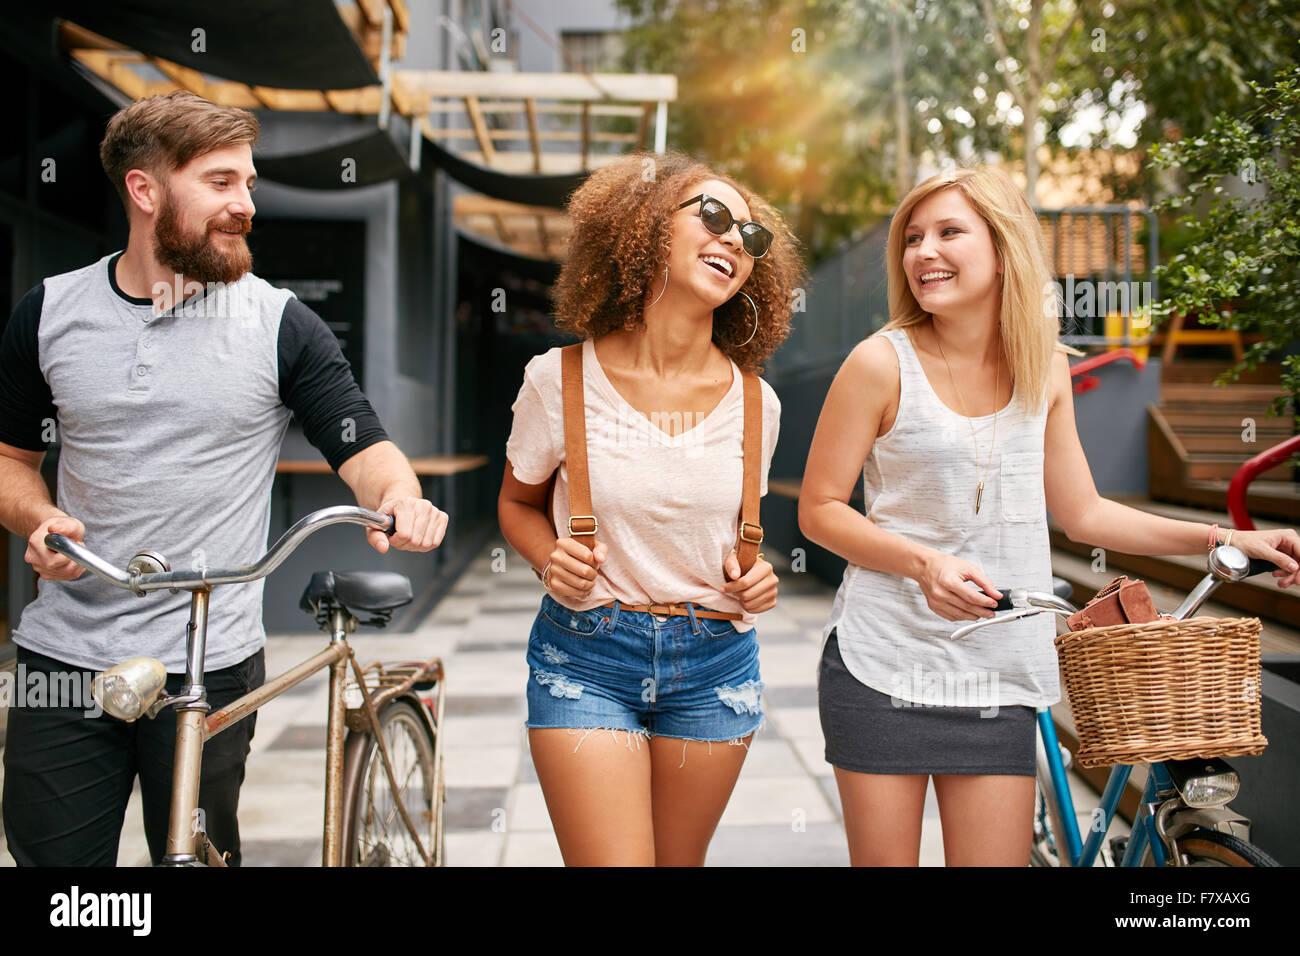 Glückliche junge Leute hinunter die Stadtstraße mit ihren Fahrrädern und lächelnd. Junge Menschen Stockbild